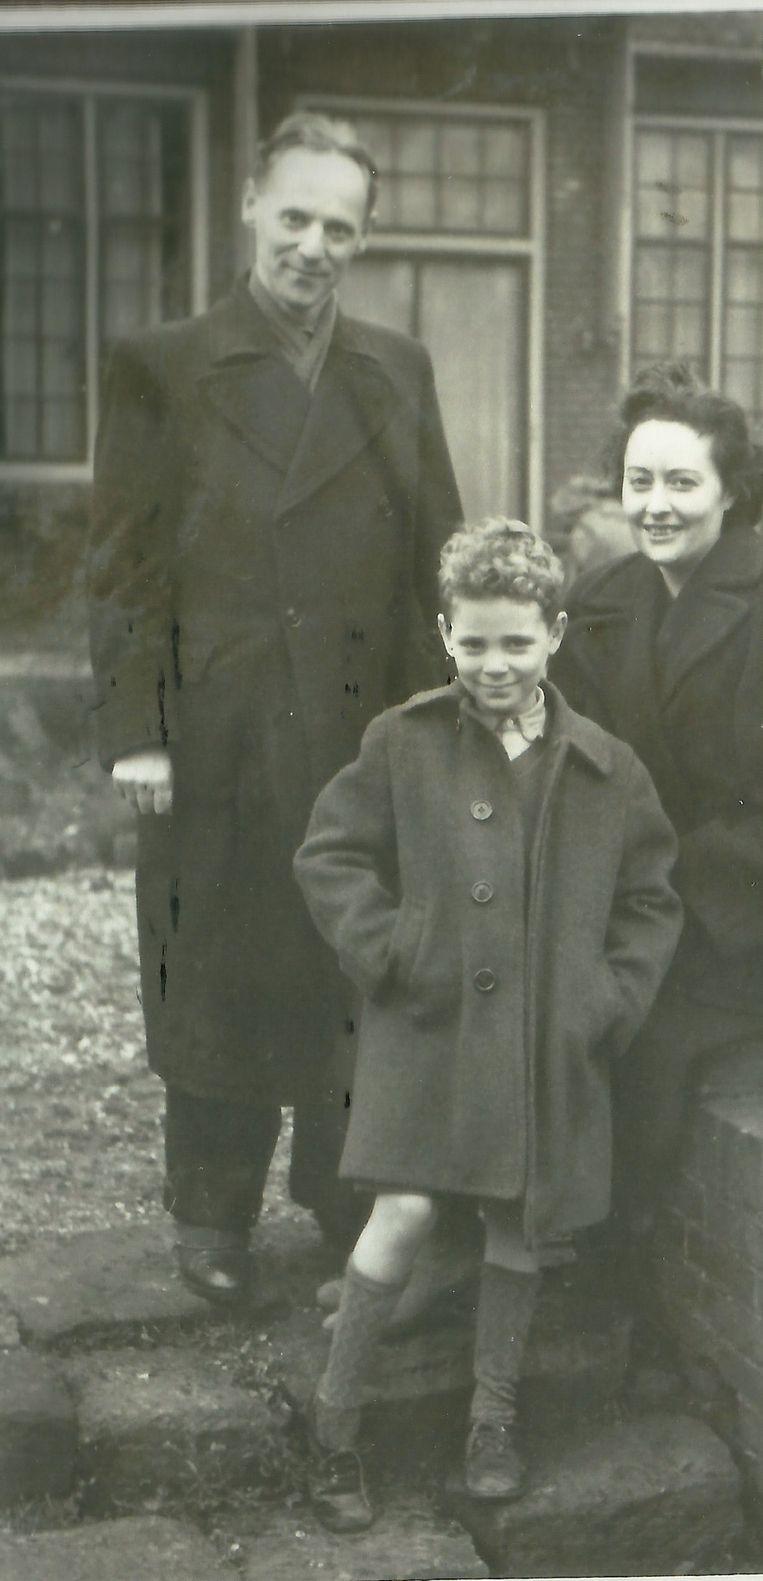 Het gezin Simons, herfst 1945. Beeld Privéarchief Familie Simons.